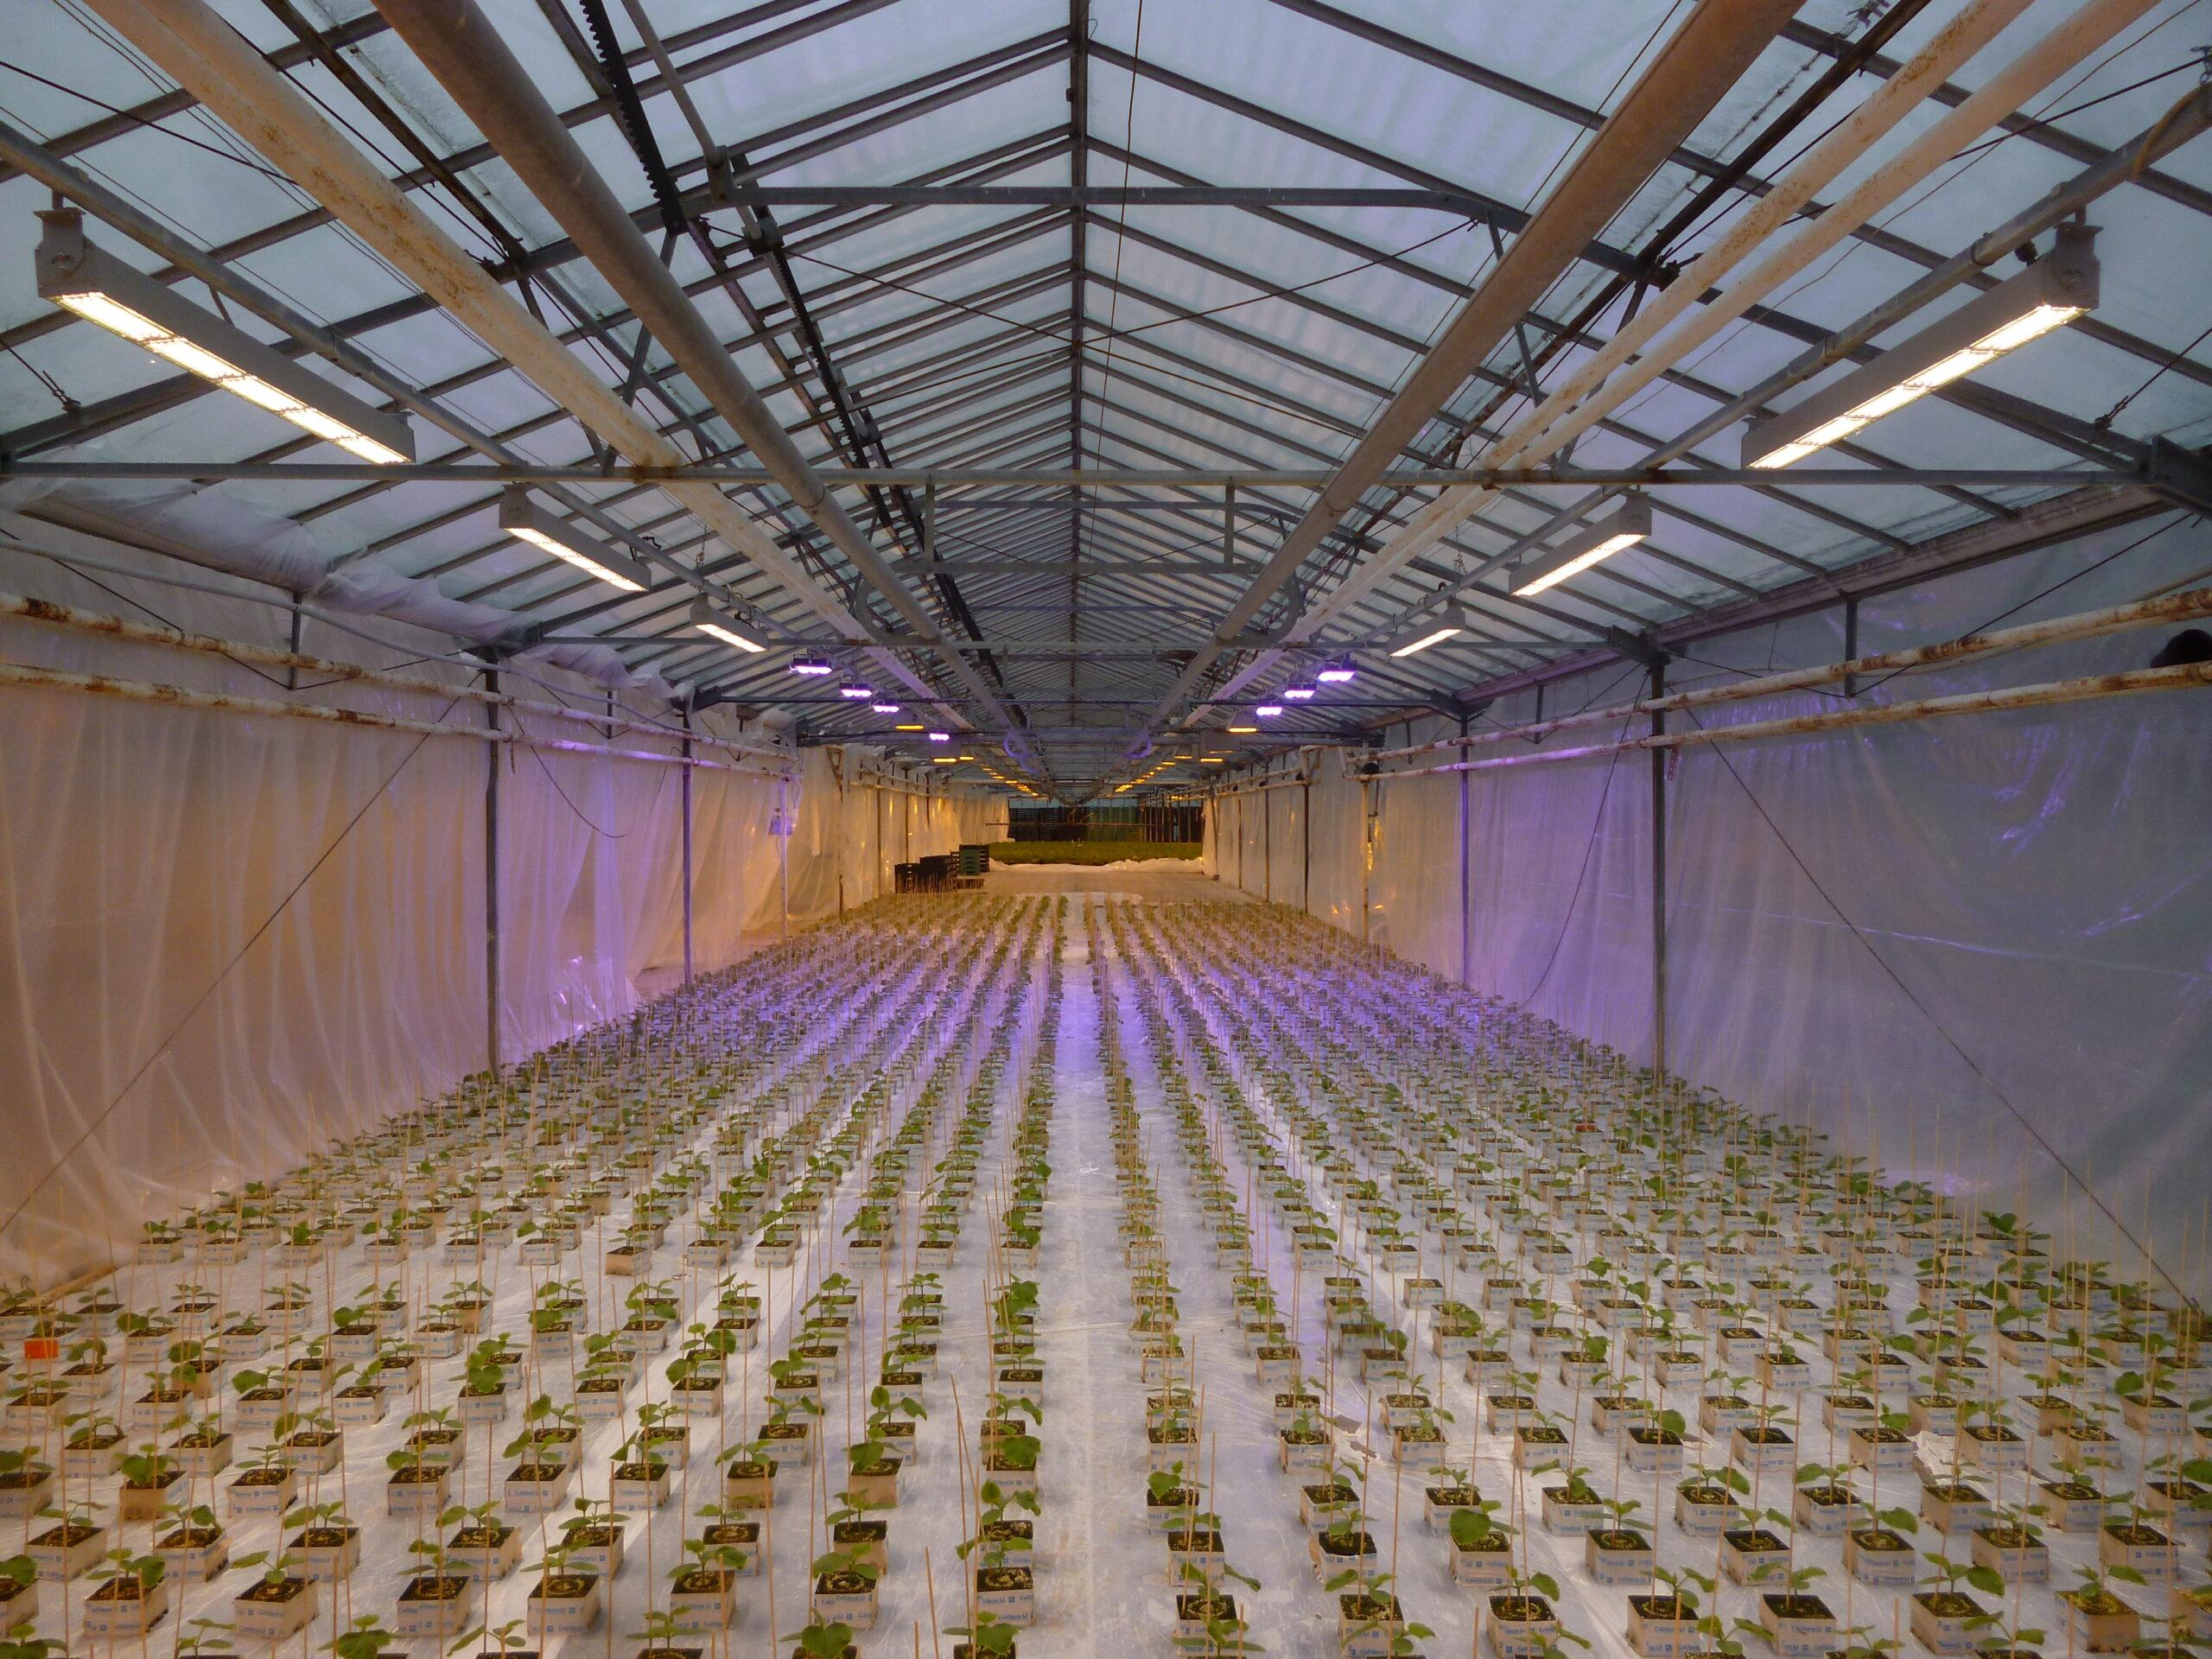 HPS to LED lights transition